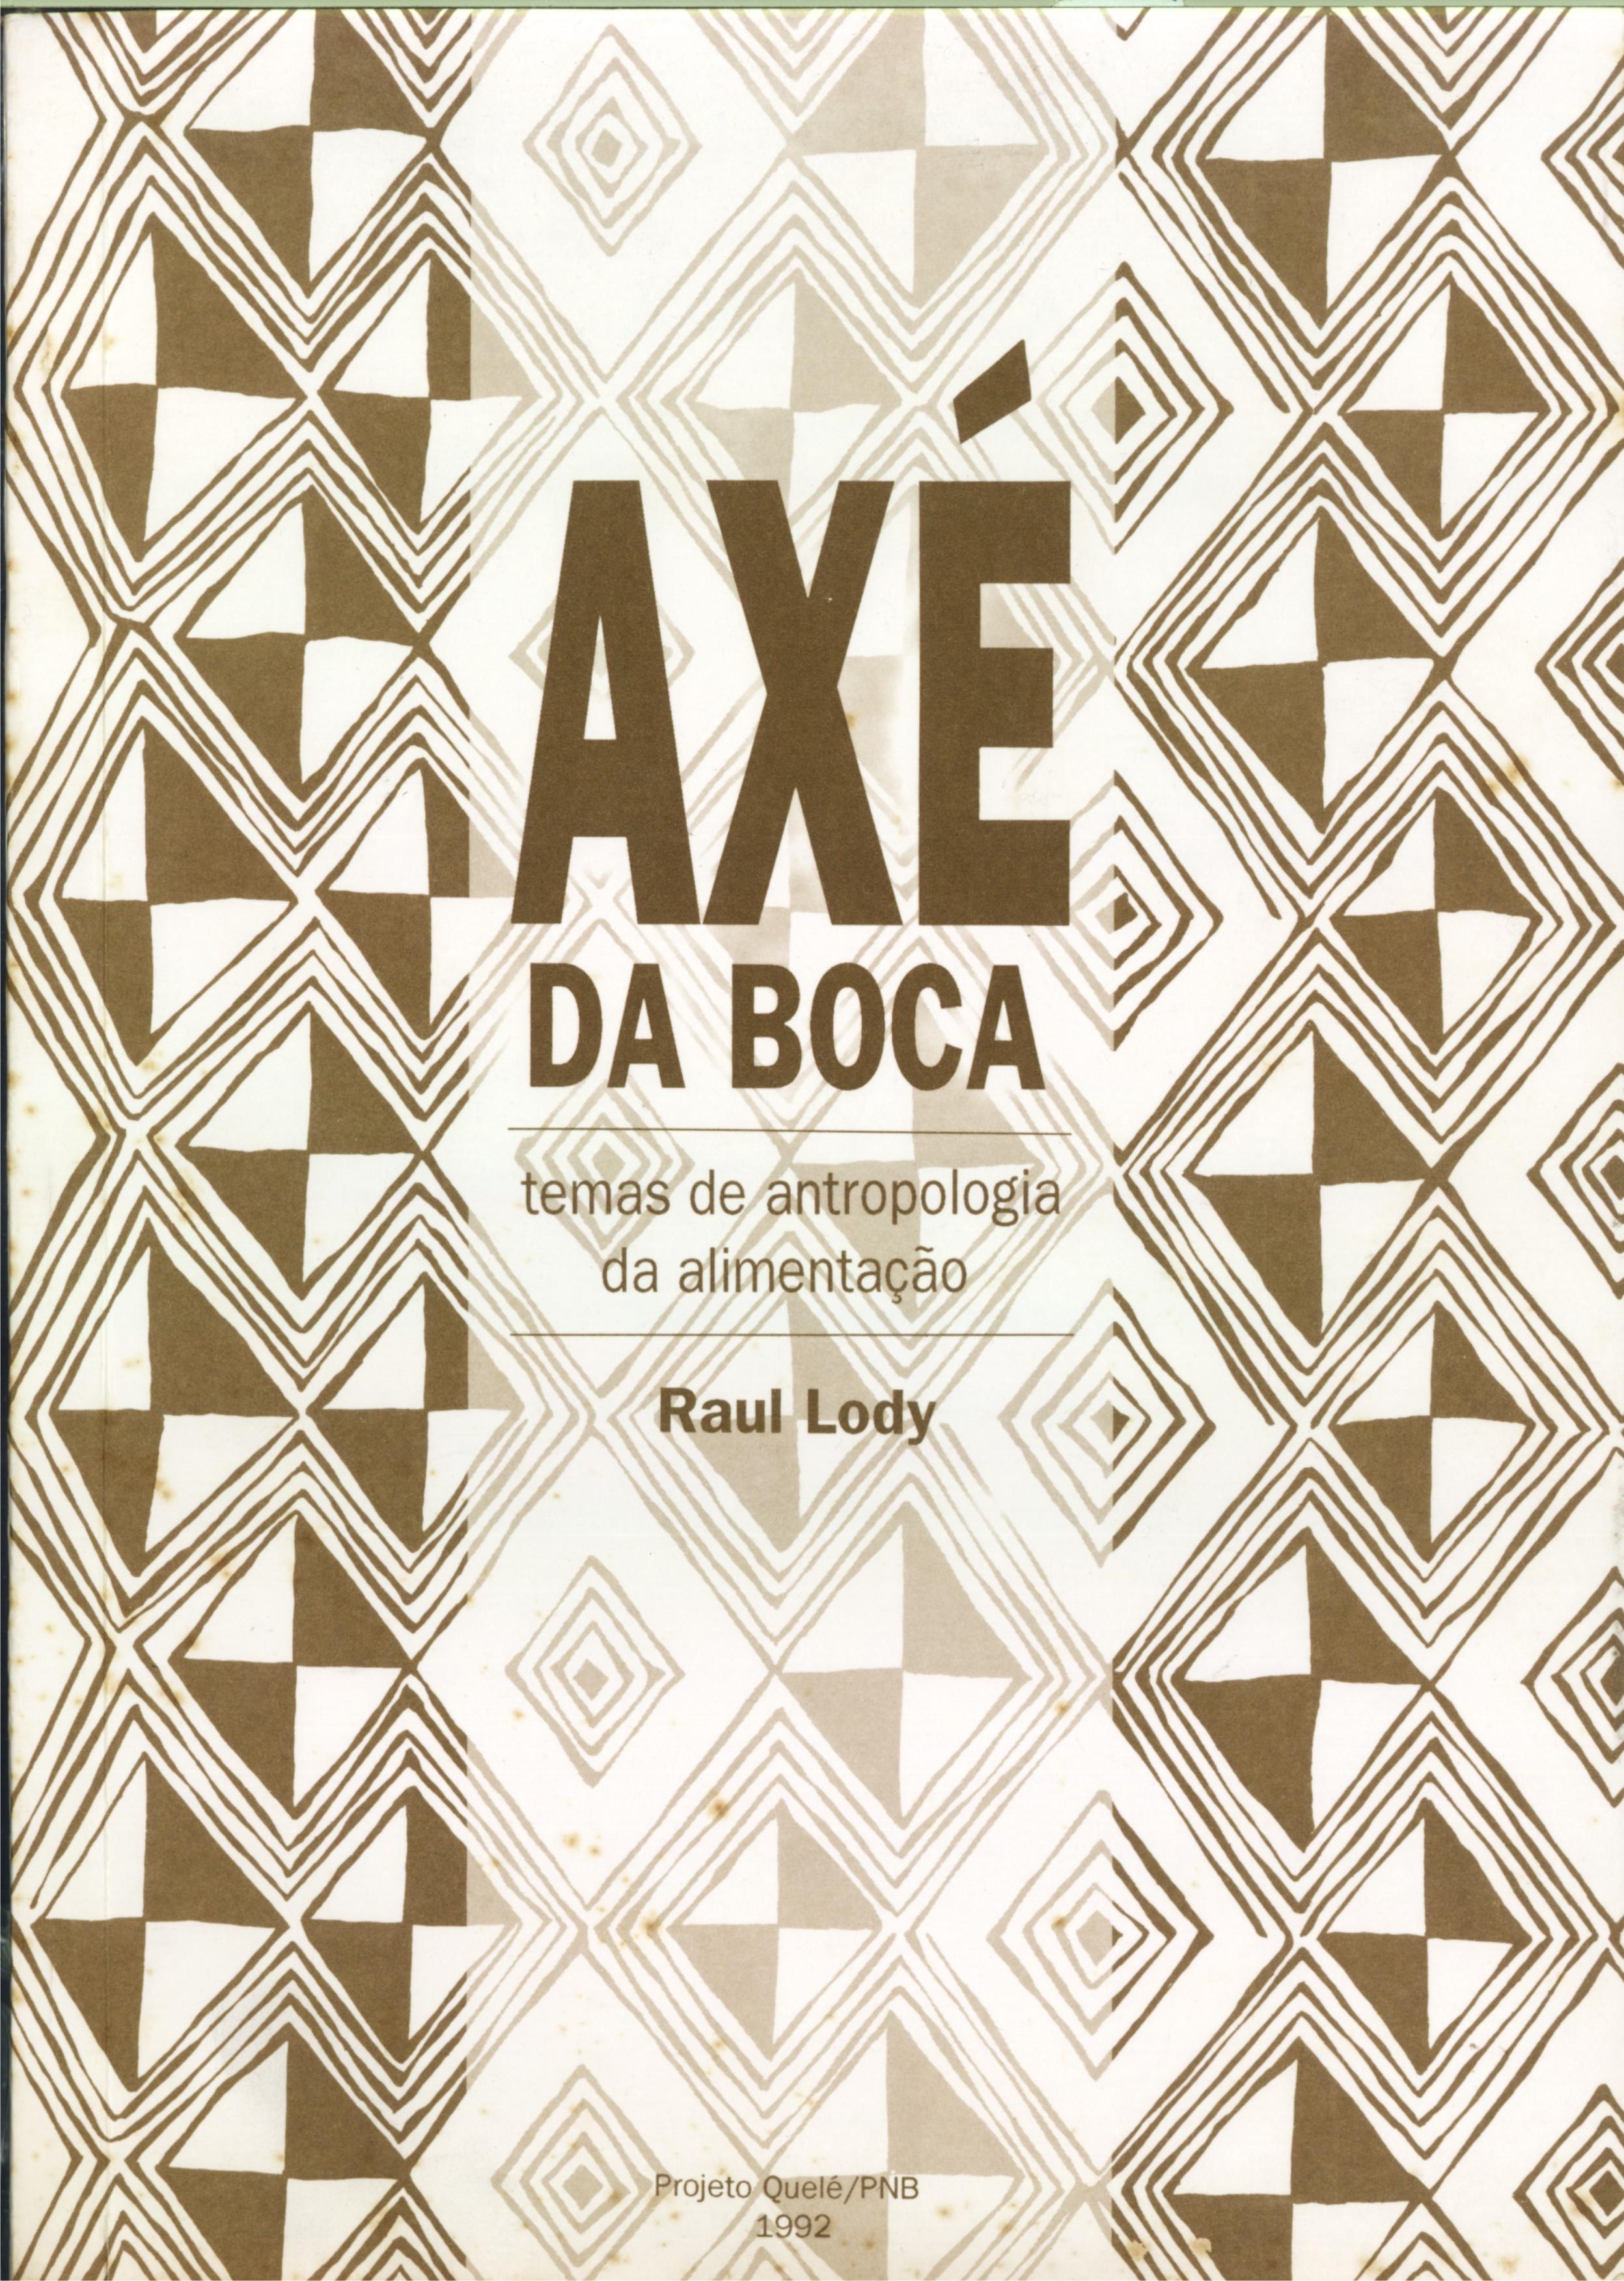 Axé da Boca temas de antropologia da alimentação